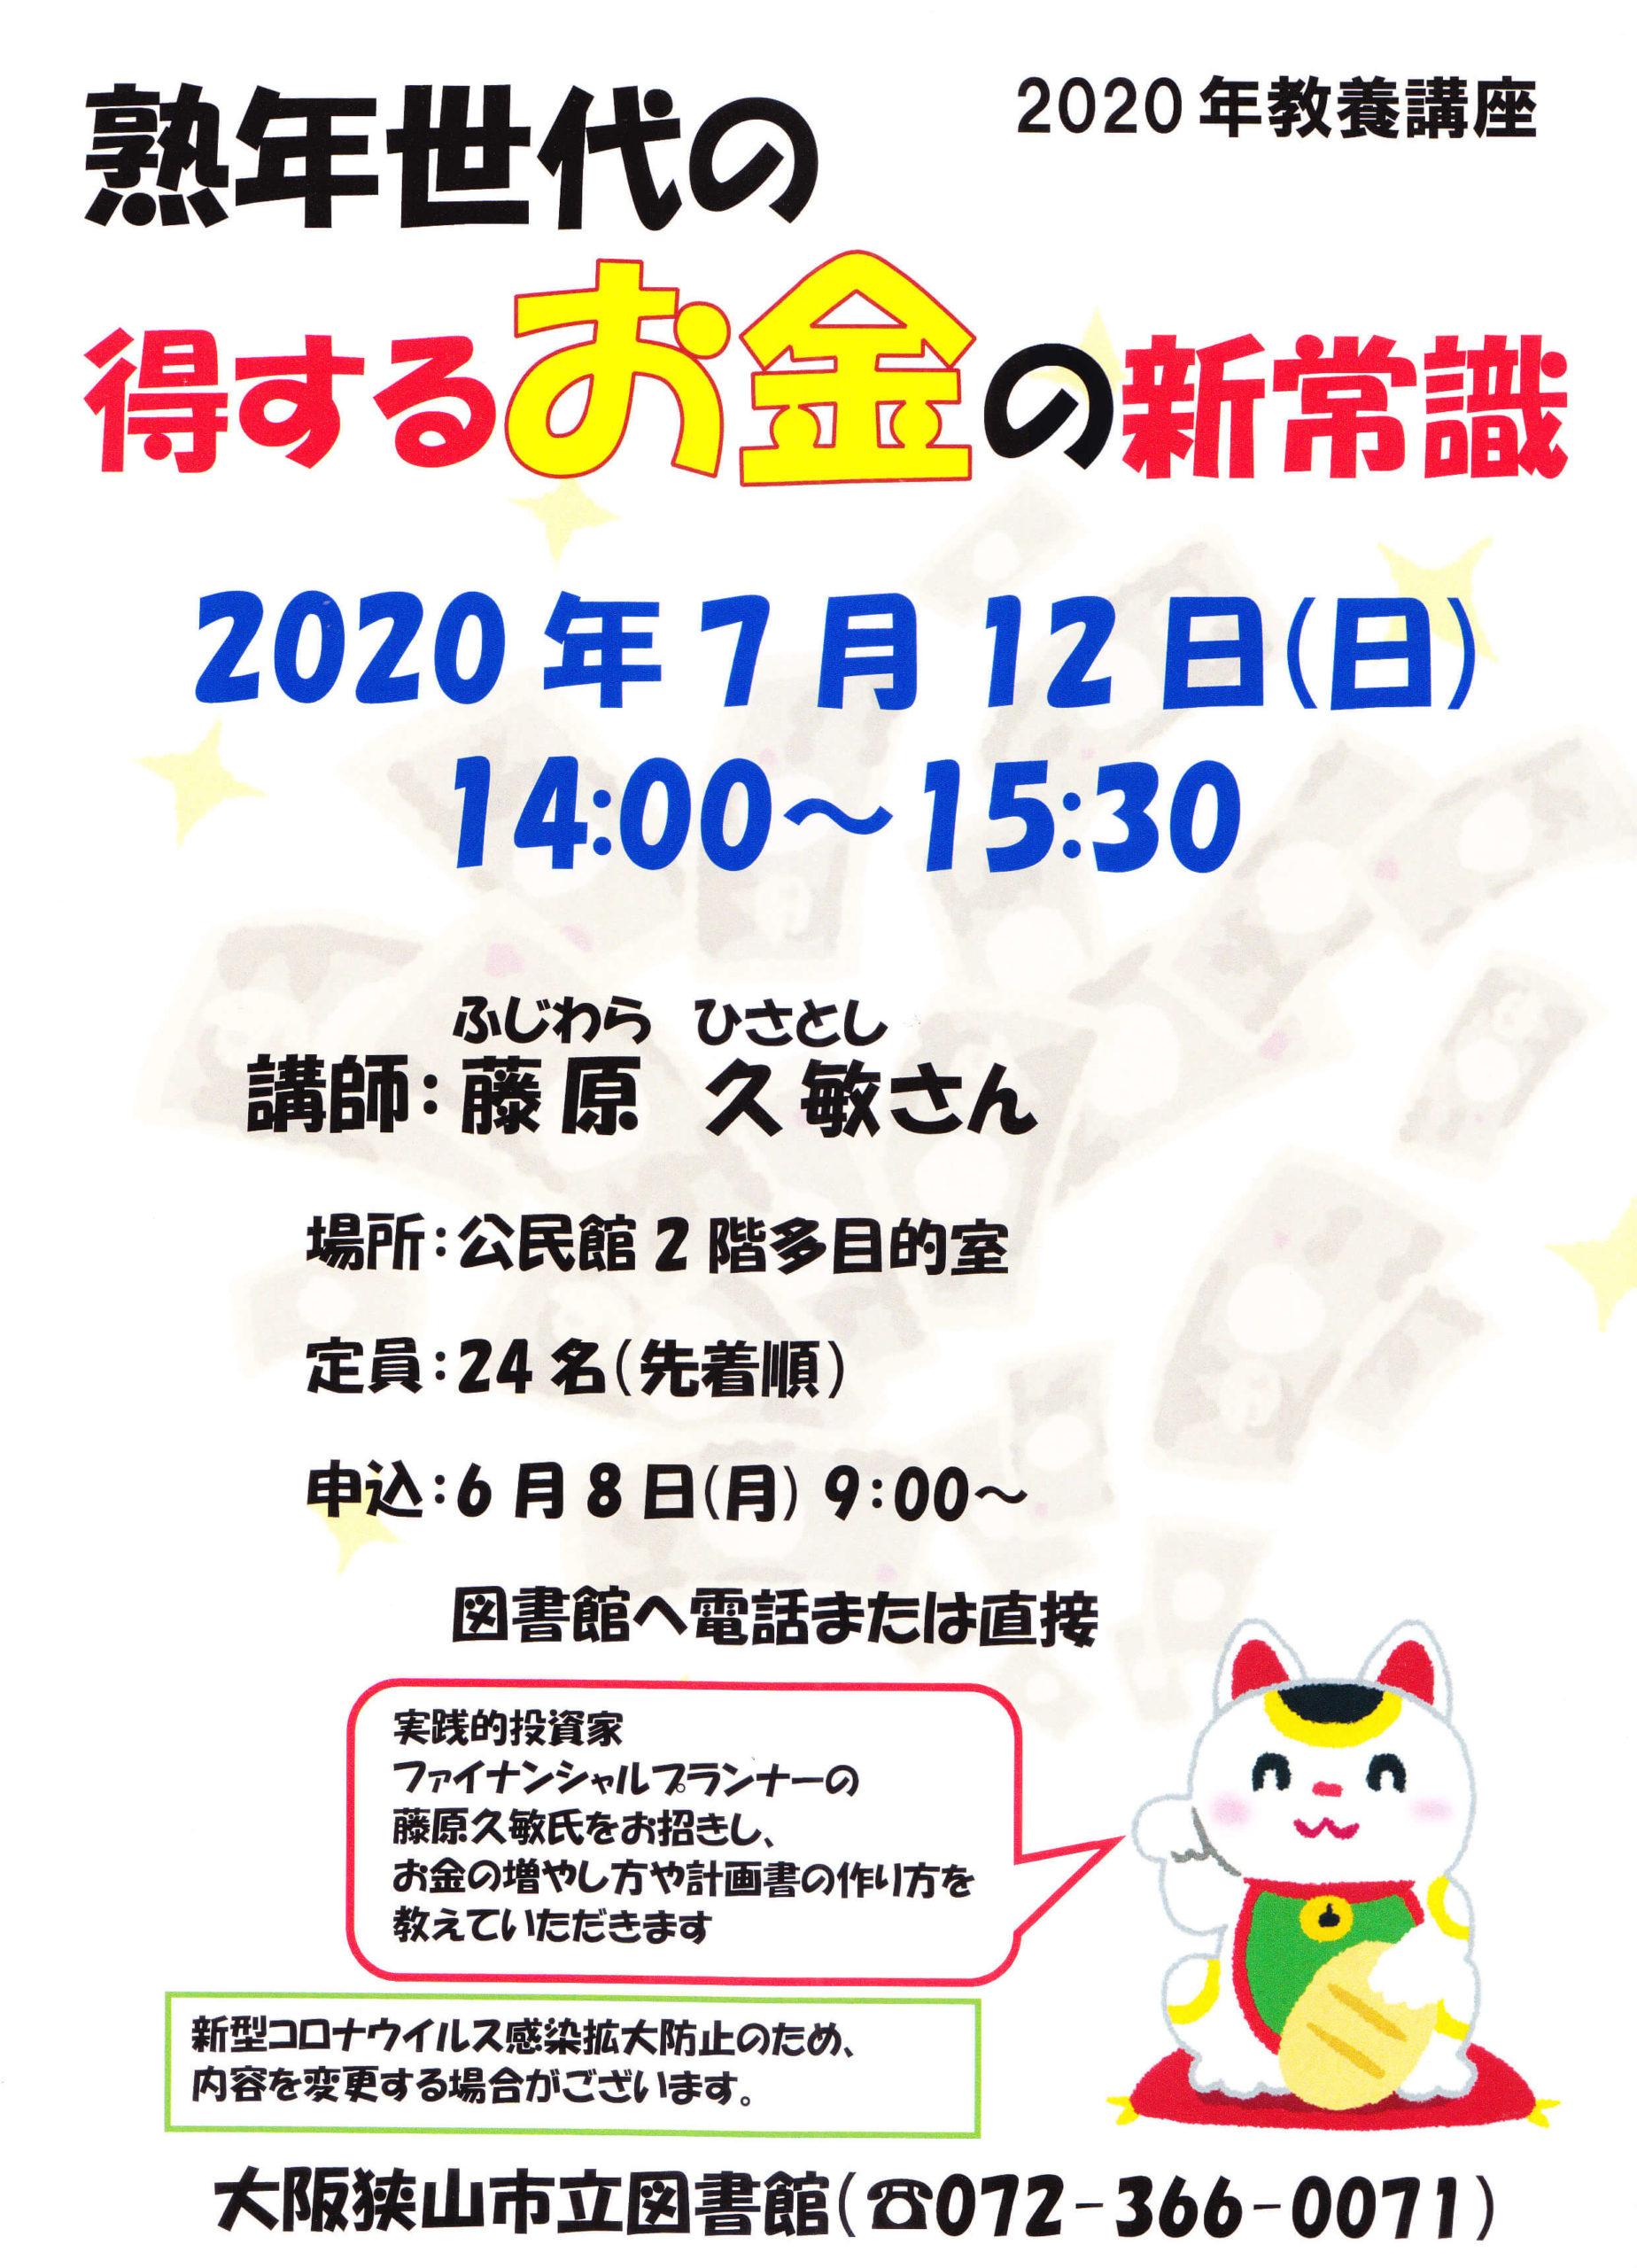 2020年教養講座「熟年世代の得するお金の新常識」が2020年7月12日に開催されます